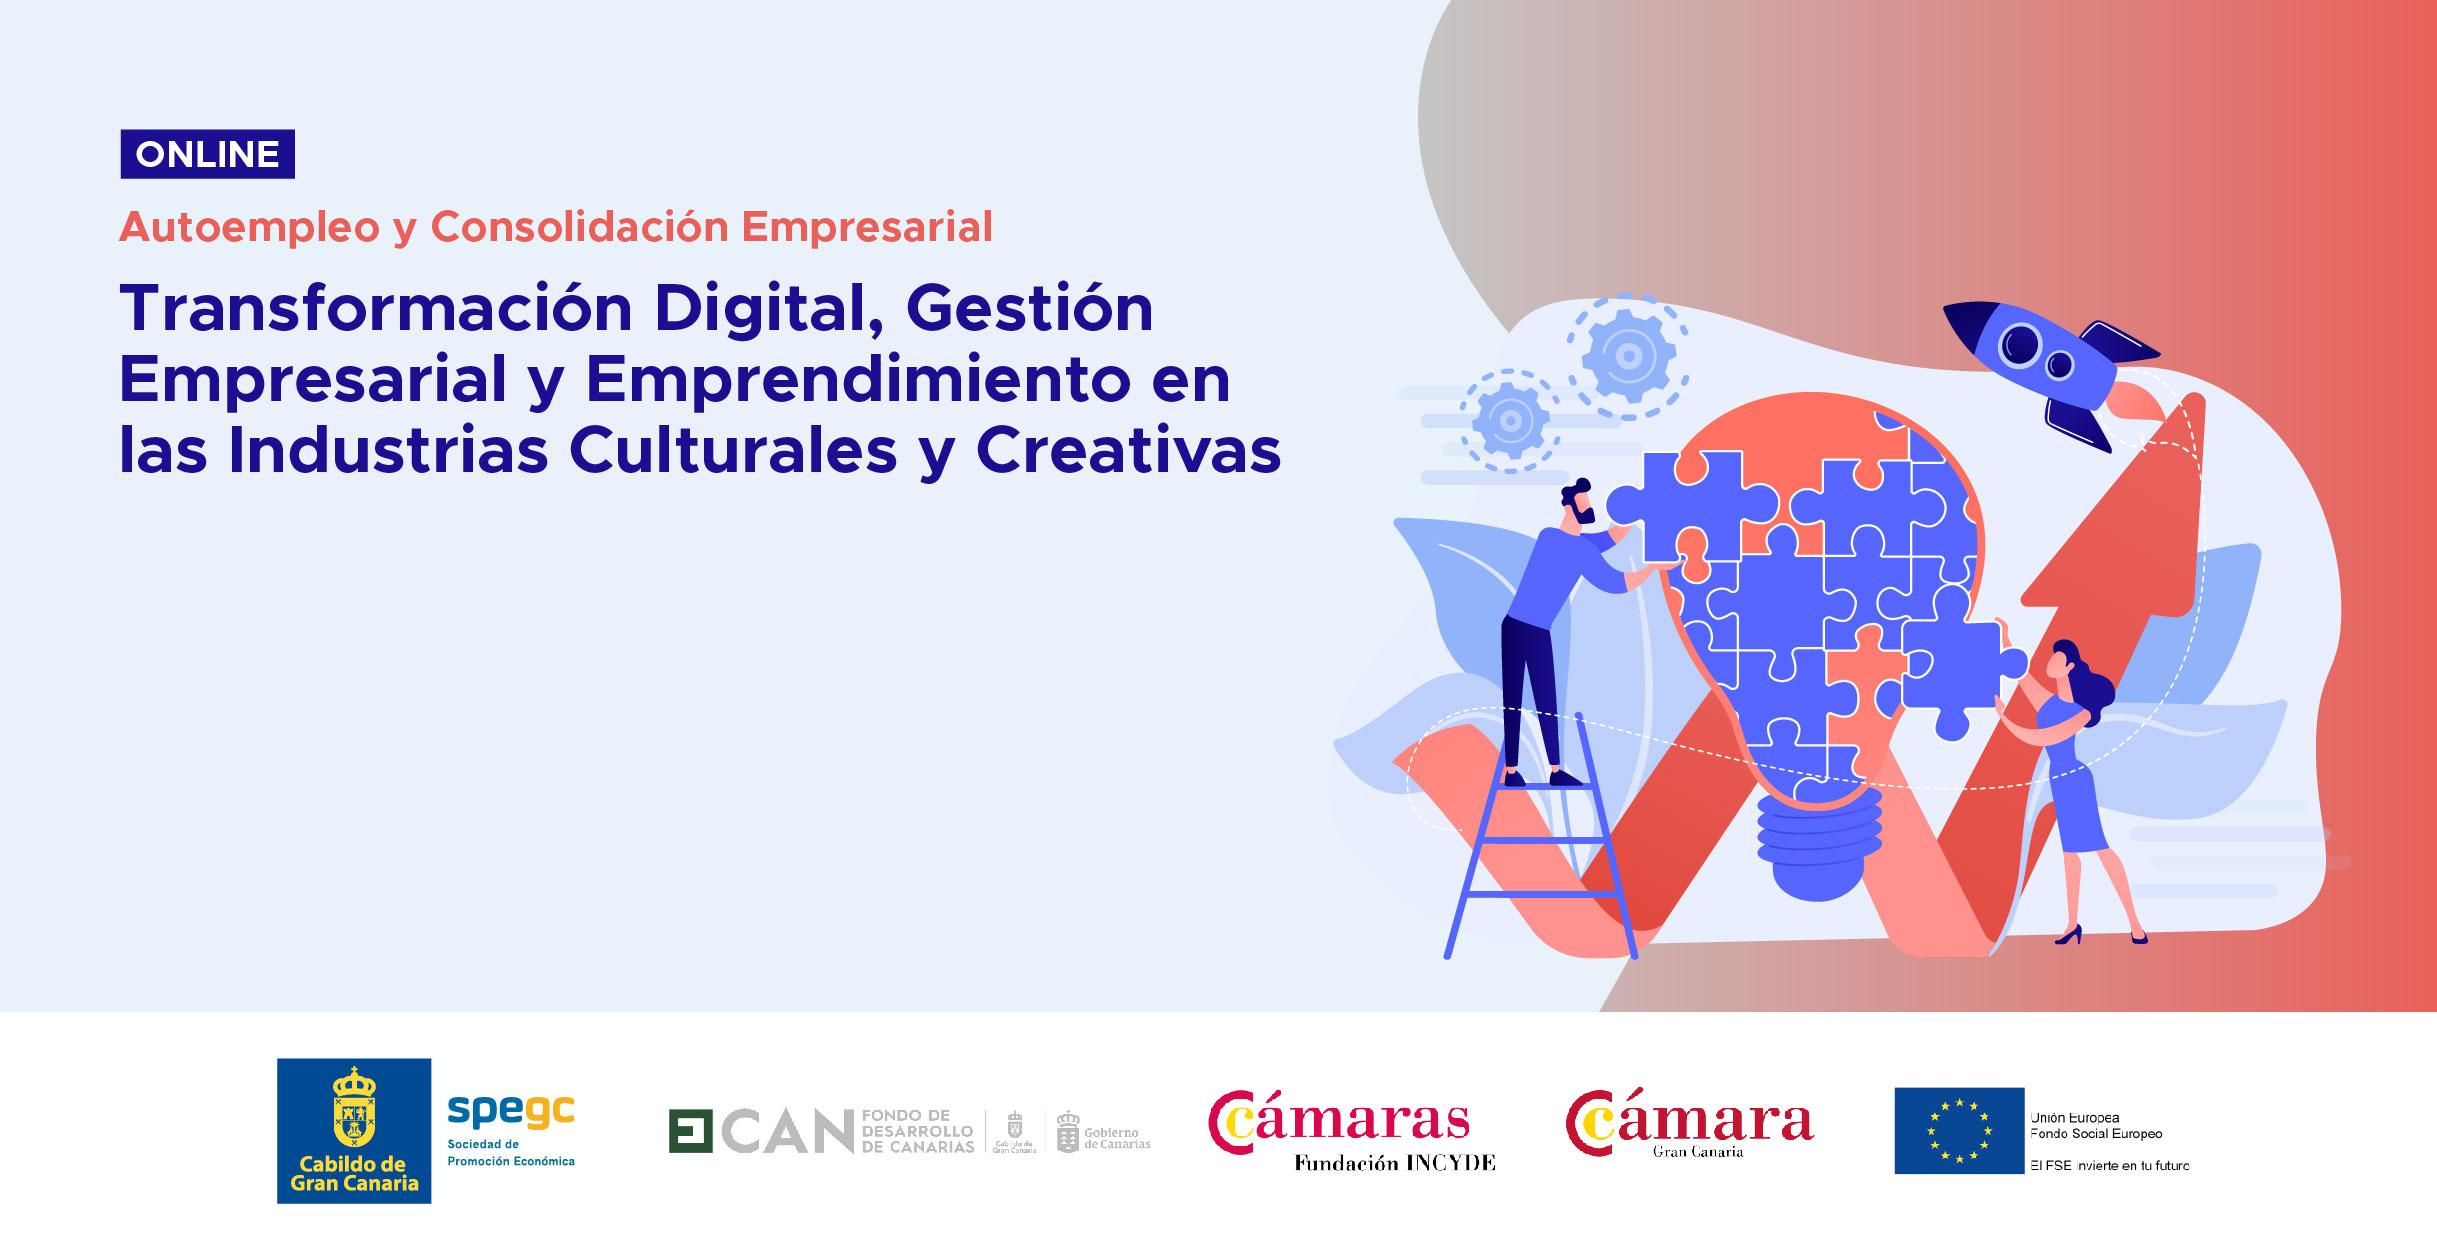 Programa de Transformación Digital, Gestión Empresarial y Emprendimiento en las Industrias Culturales y Creativas